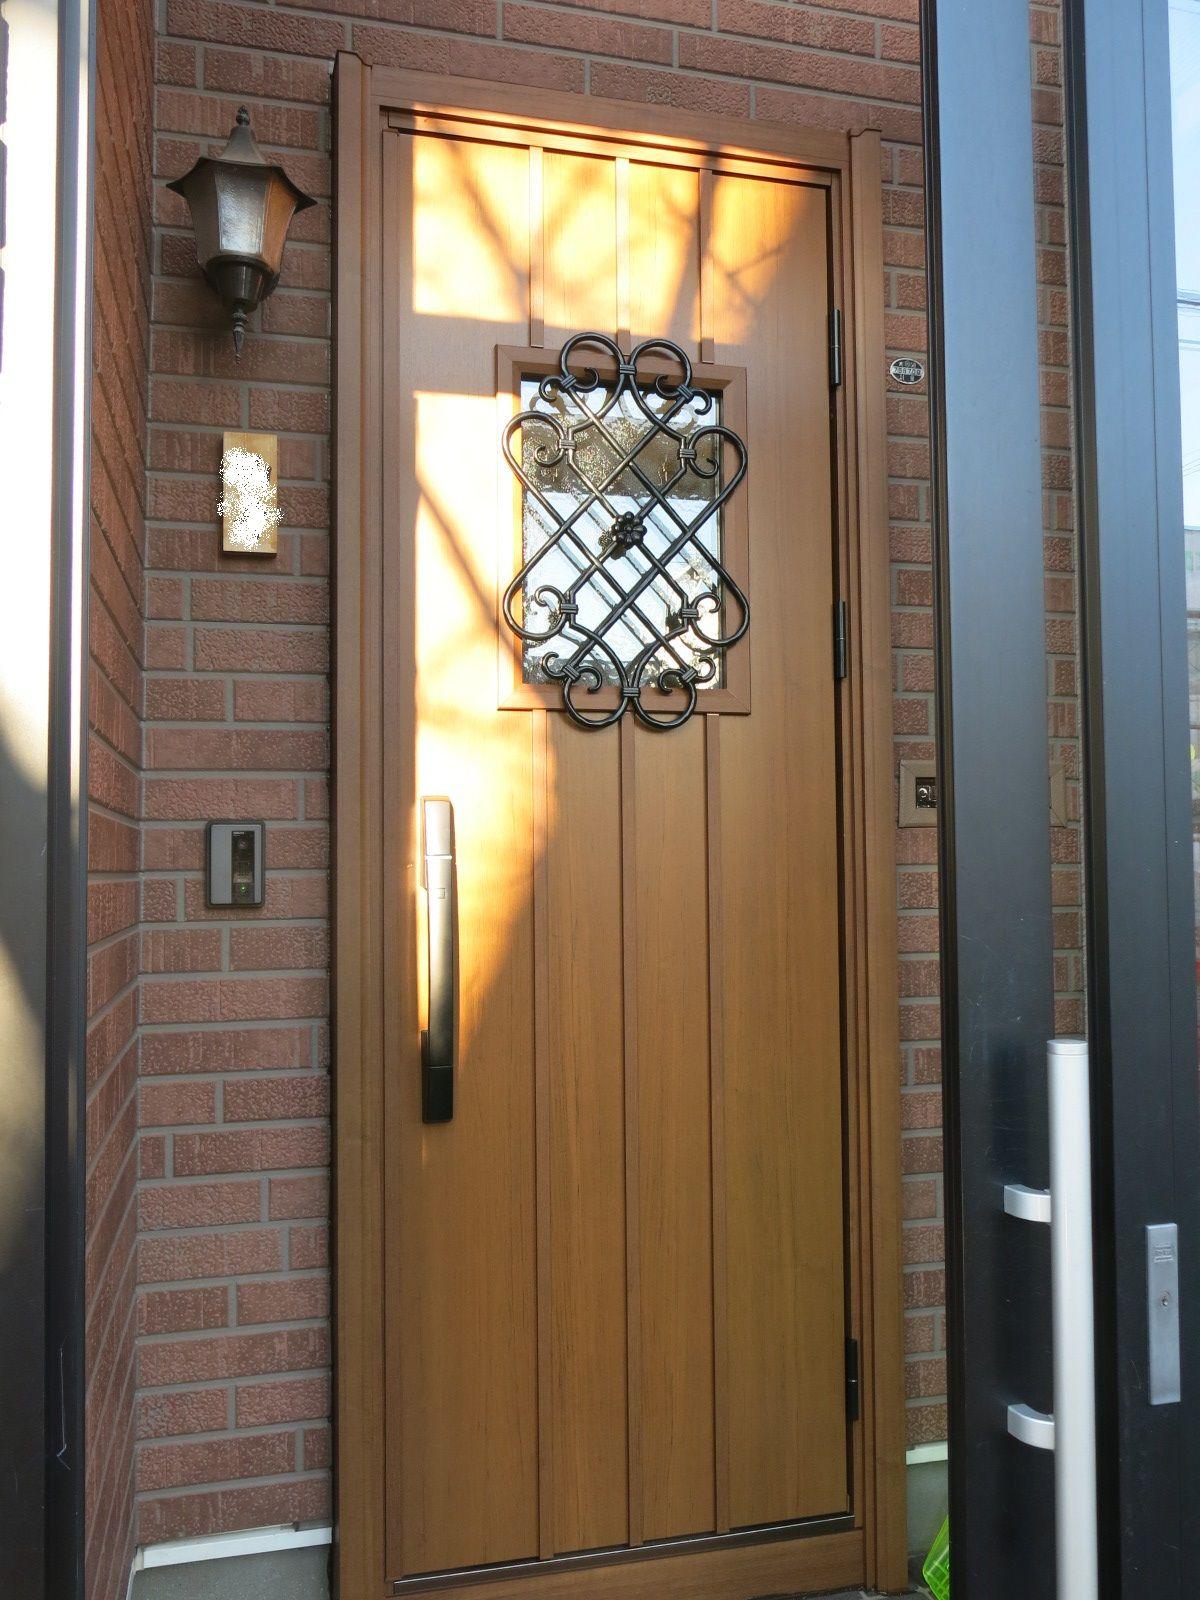 玄関ドアの結露が気になったのと 非断熱の玄関ドアで扉本体下部がサビついていたため 玄関ドアの交換をしました 電池 式のスマートコントロール式の断熱リフォーム玄関ドアです 種類 色が豊富で選ぶのが迷っちゃいますが きっと素敵な玄関ドアに会えますよ 一つ